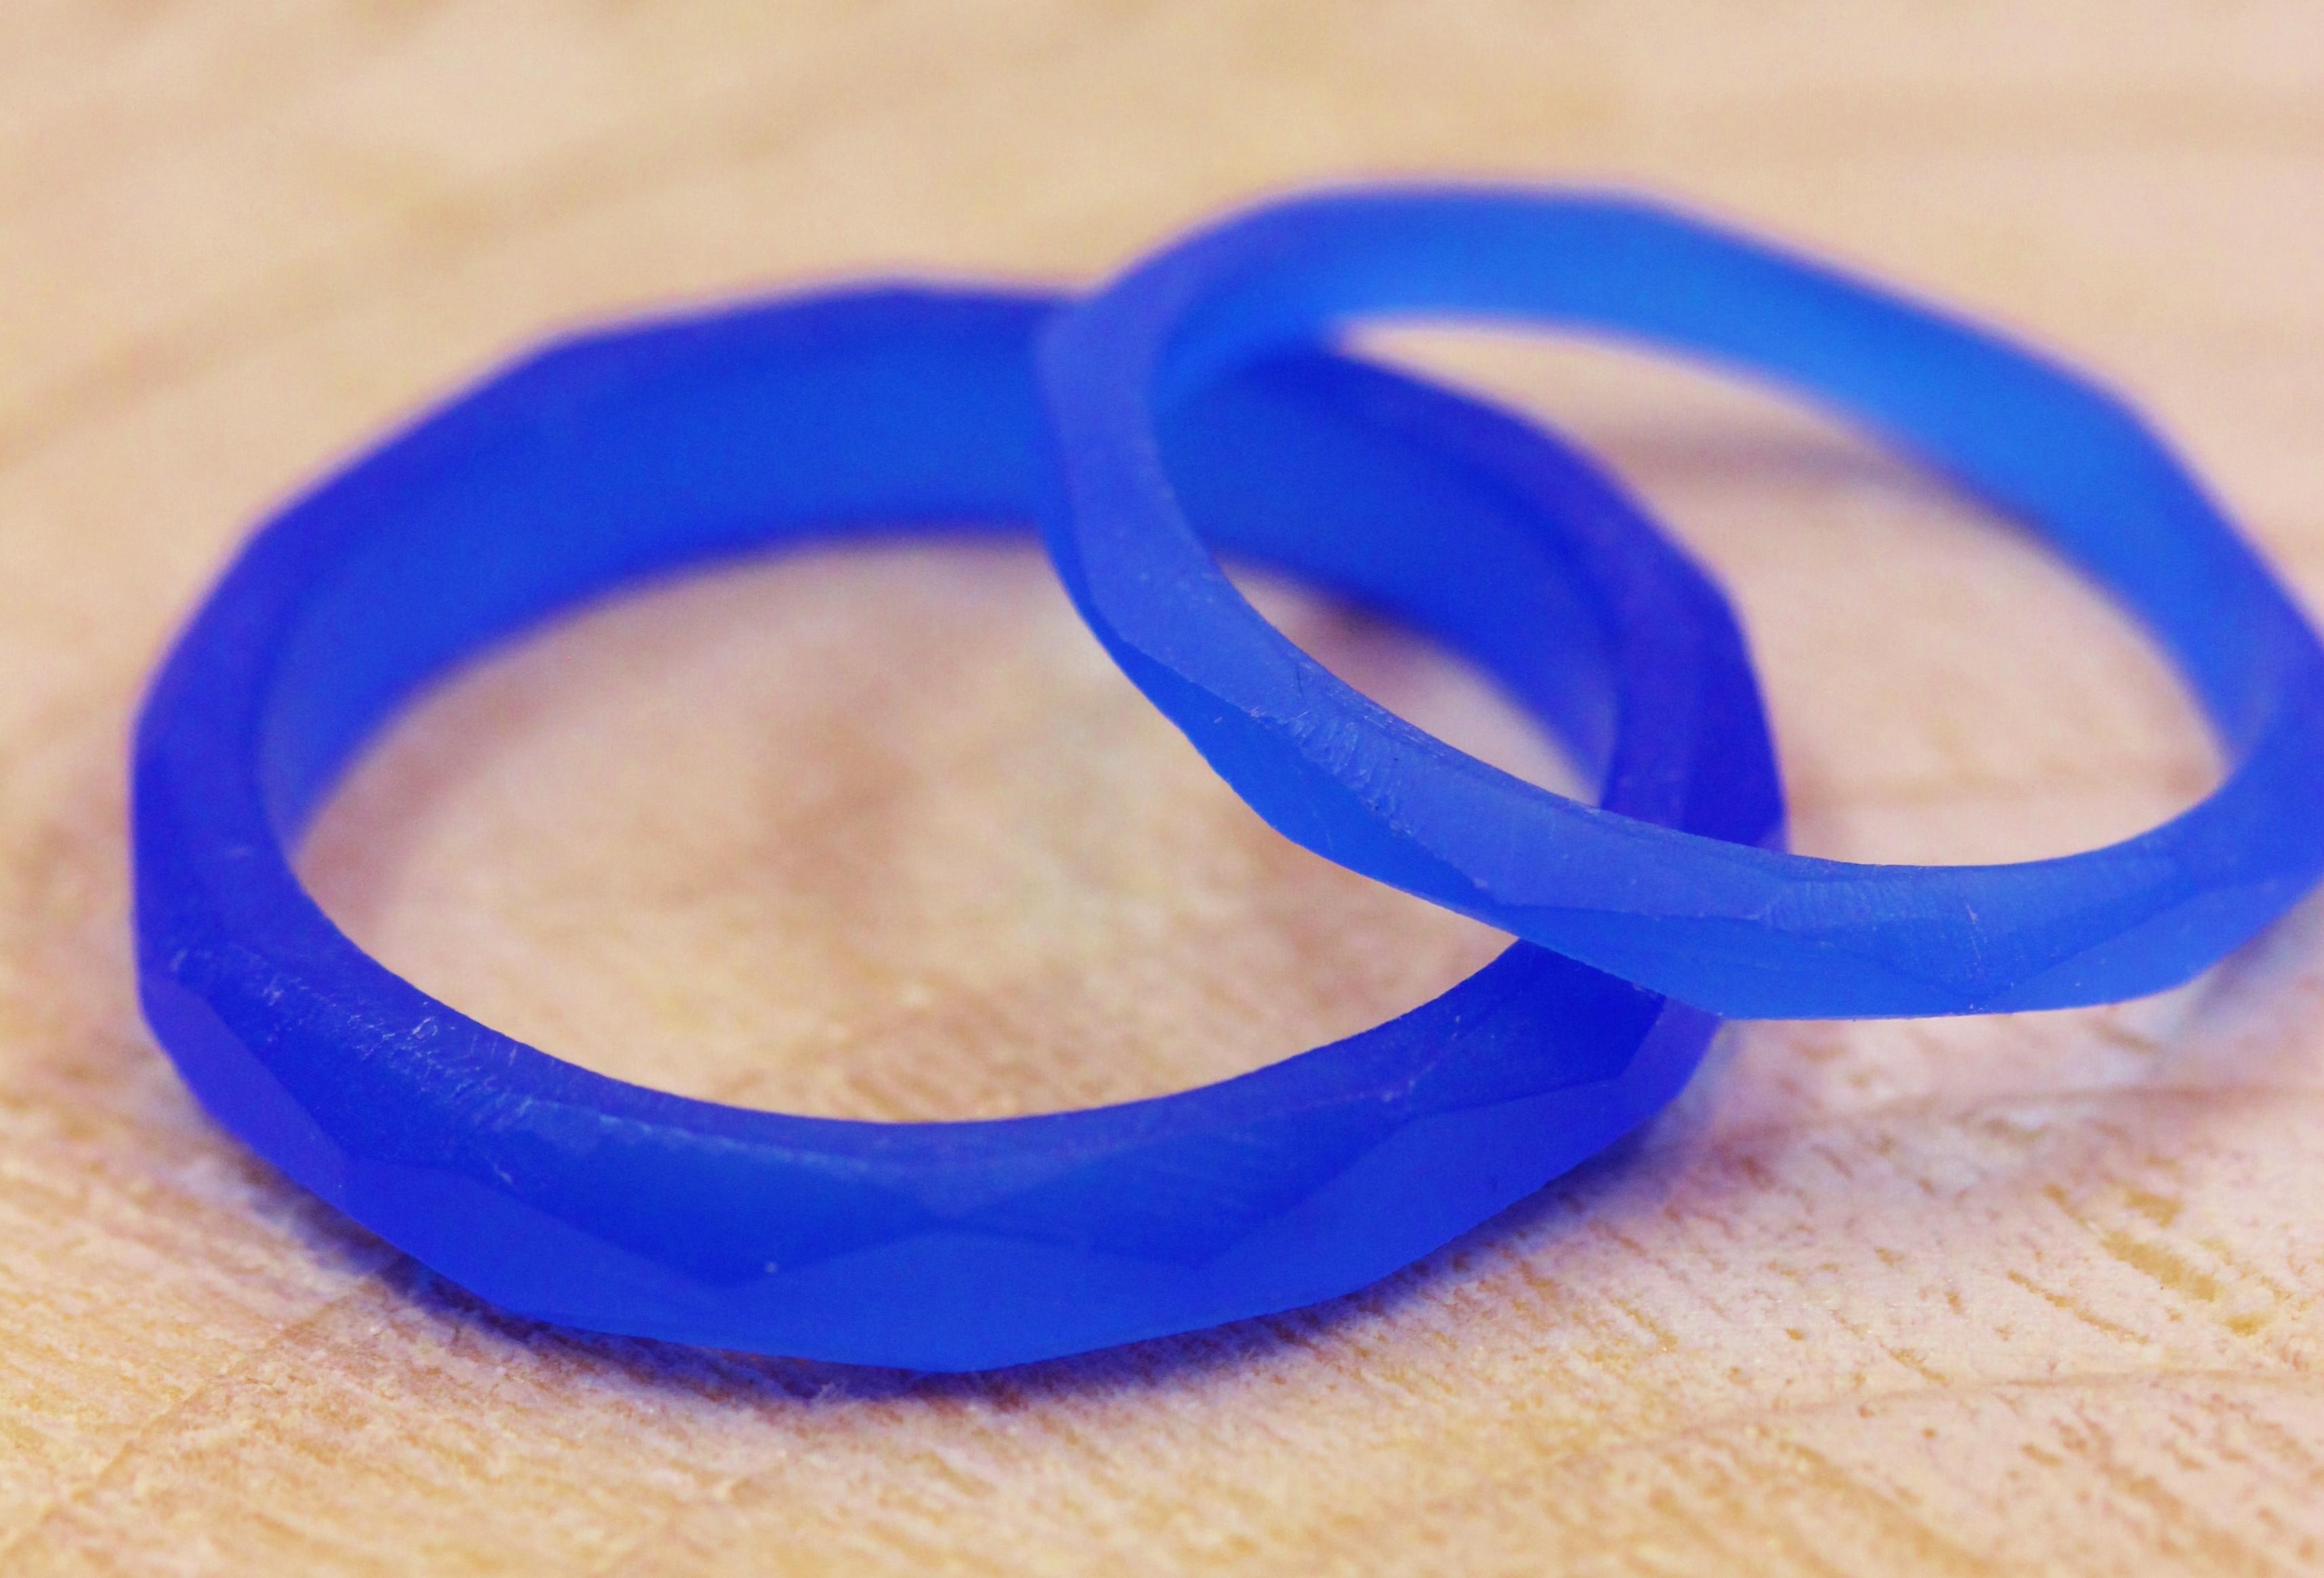 先日お作り頂いた結婚指輪が仕上がってきました(*^▽^*)